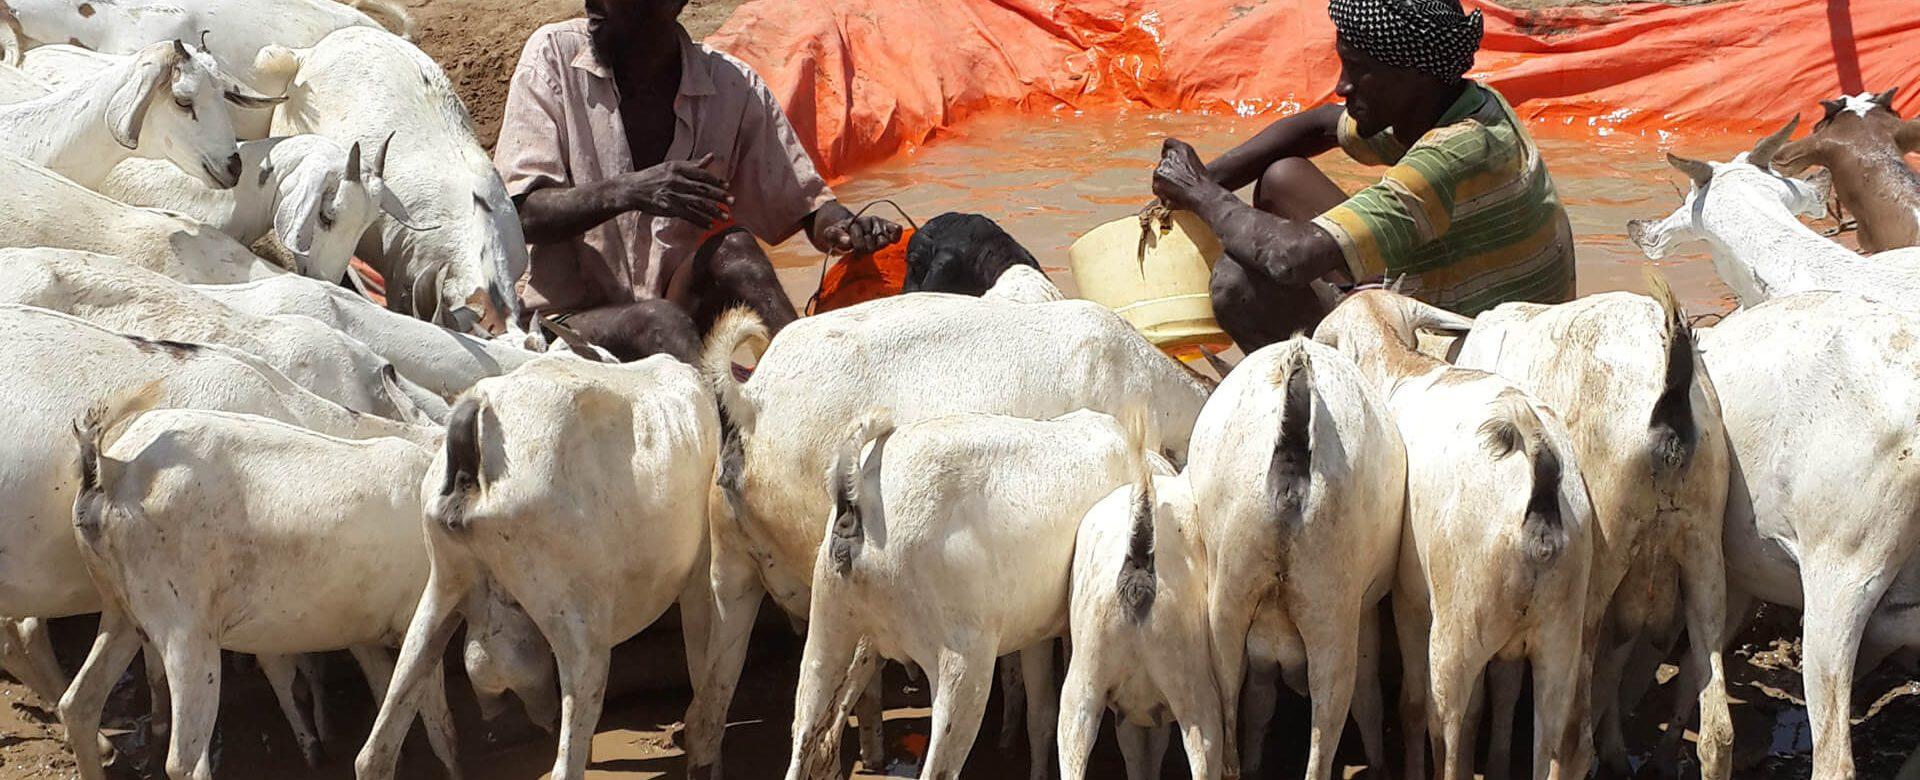 20150610_121813 herds